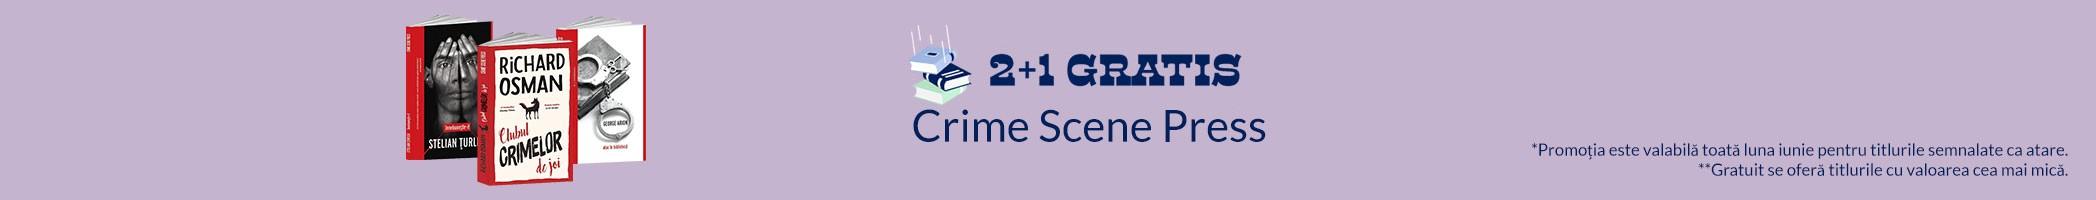 Crime Scene Press iunie reduceri